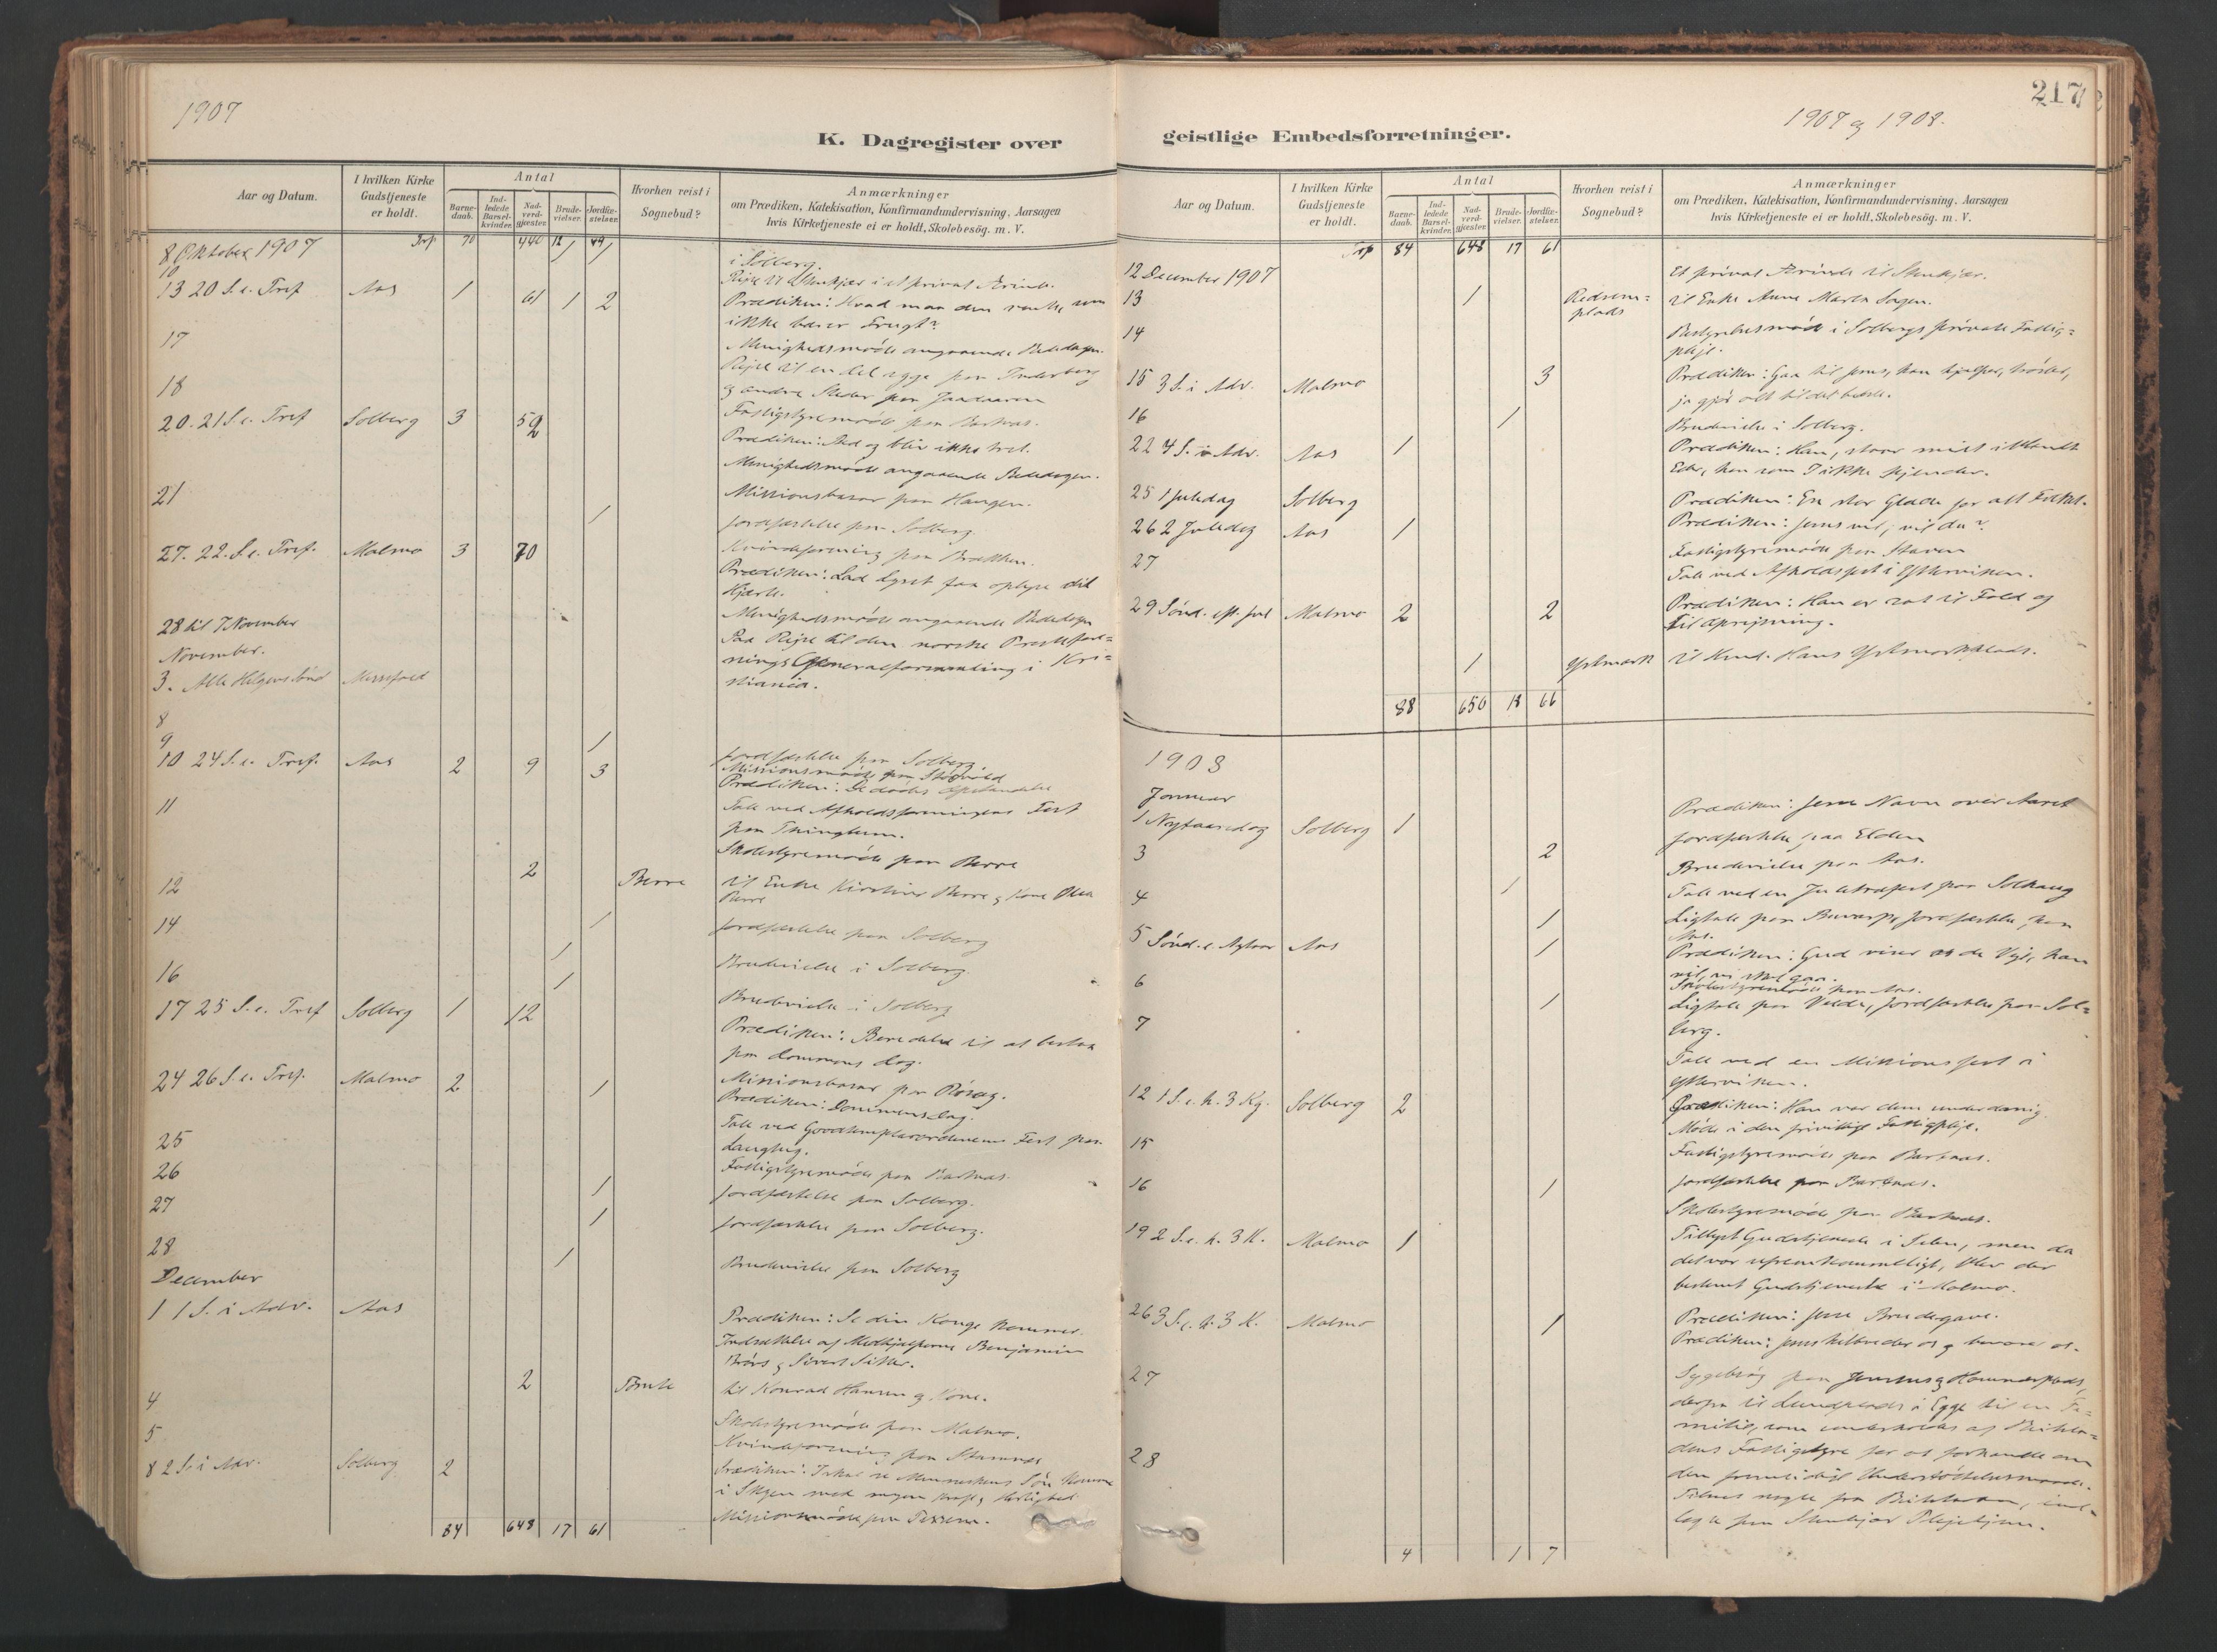 SAT, Ministerialprotokoller, klokkerbøker og fødselsregistre - Nord-Trøndelag, 741/L0397: Ministerialbok nr. 741A11, 1901-1911, s. 217